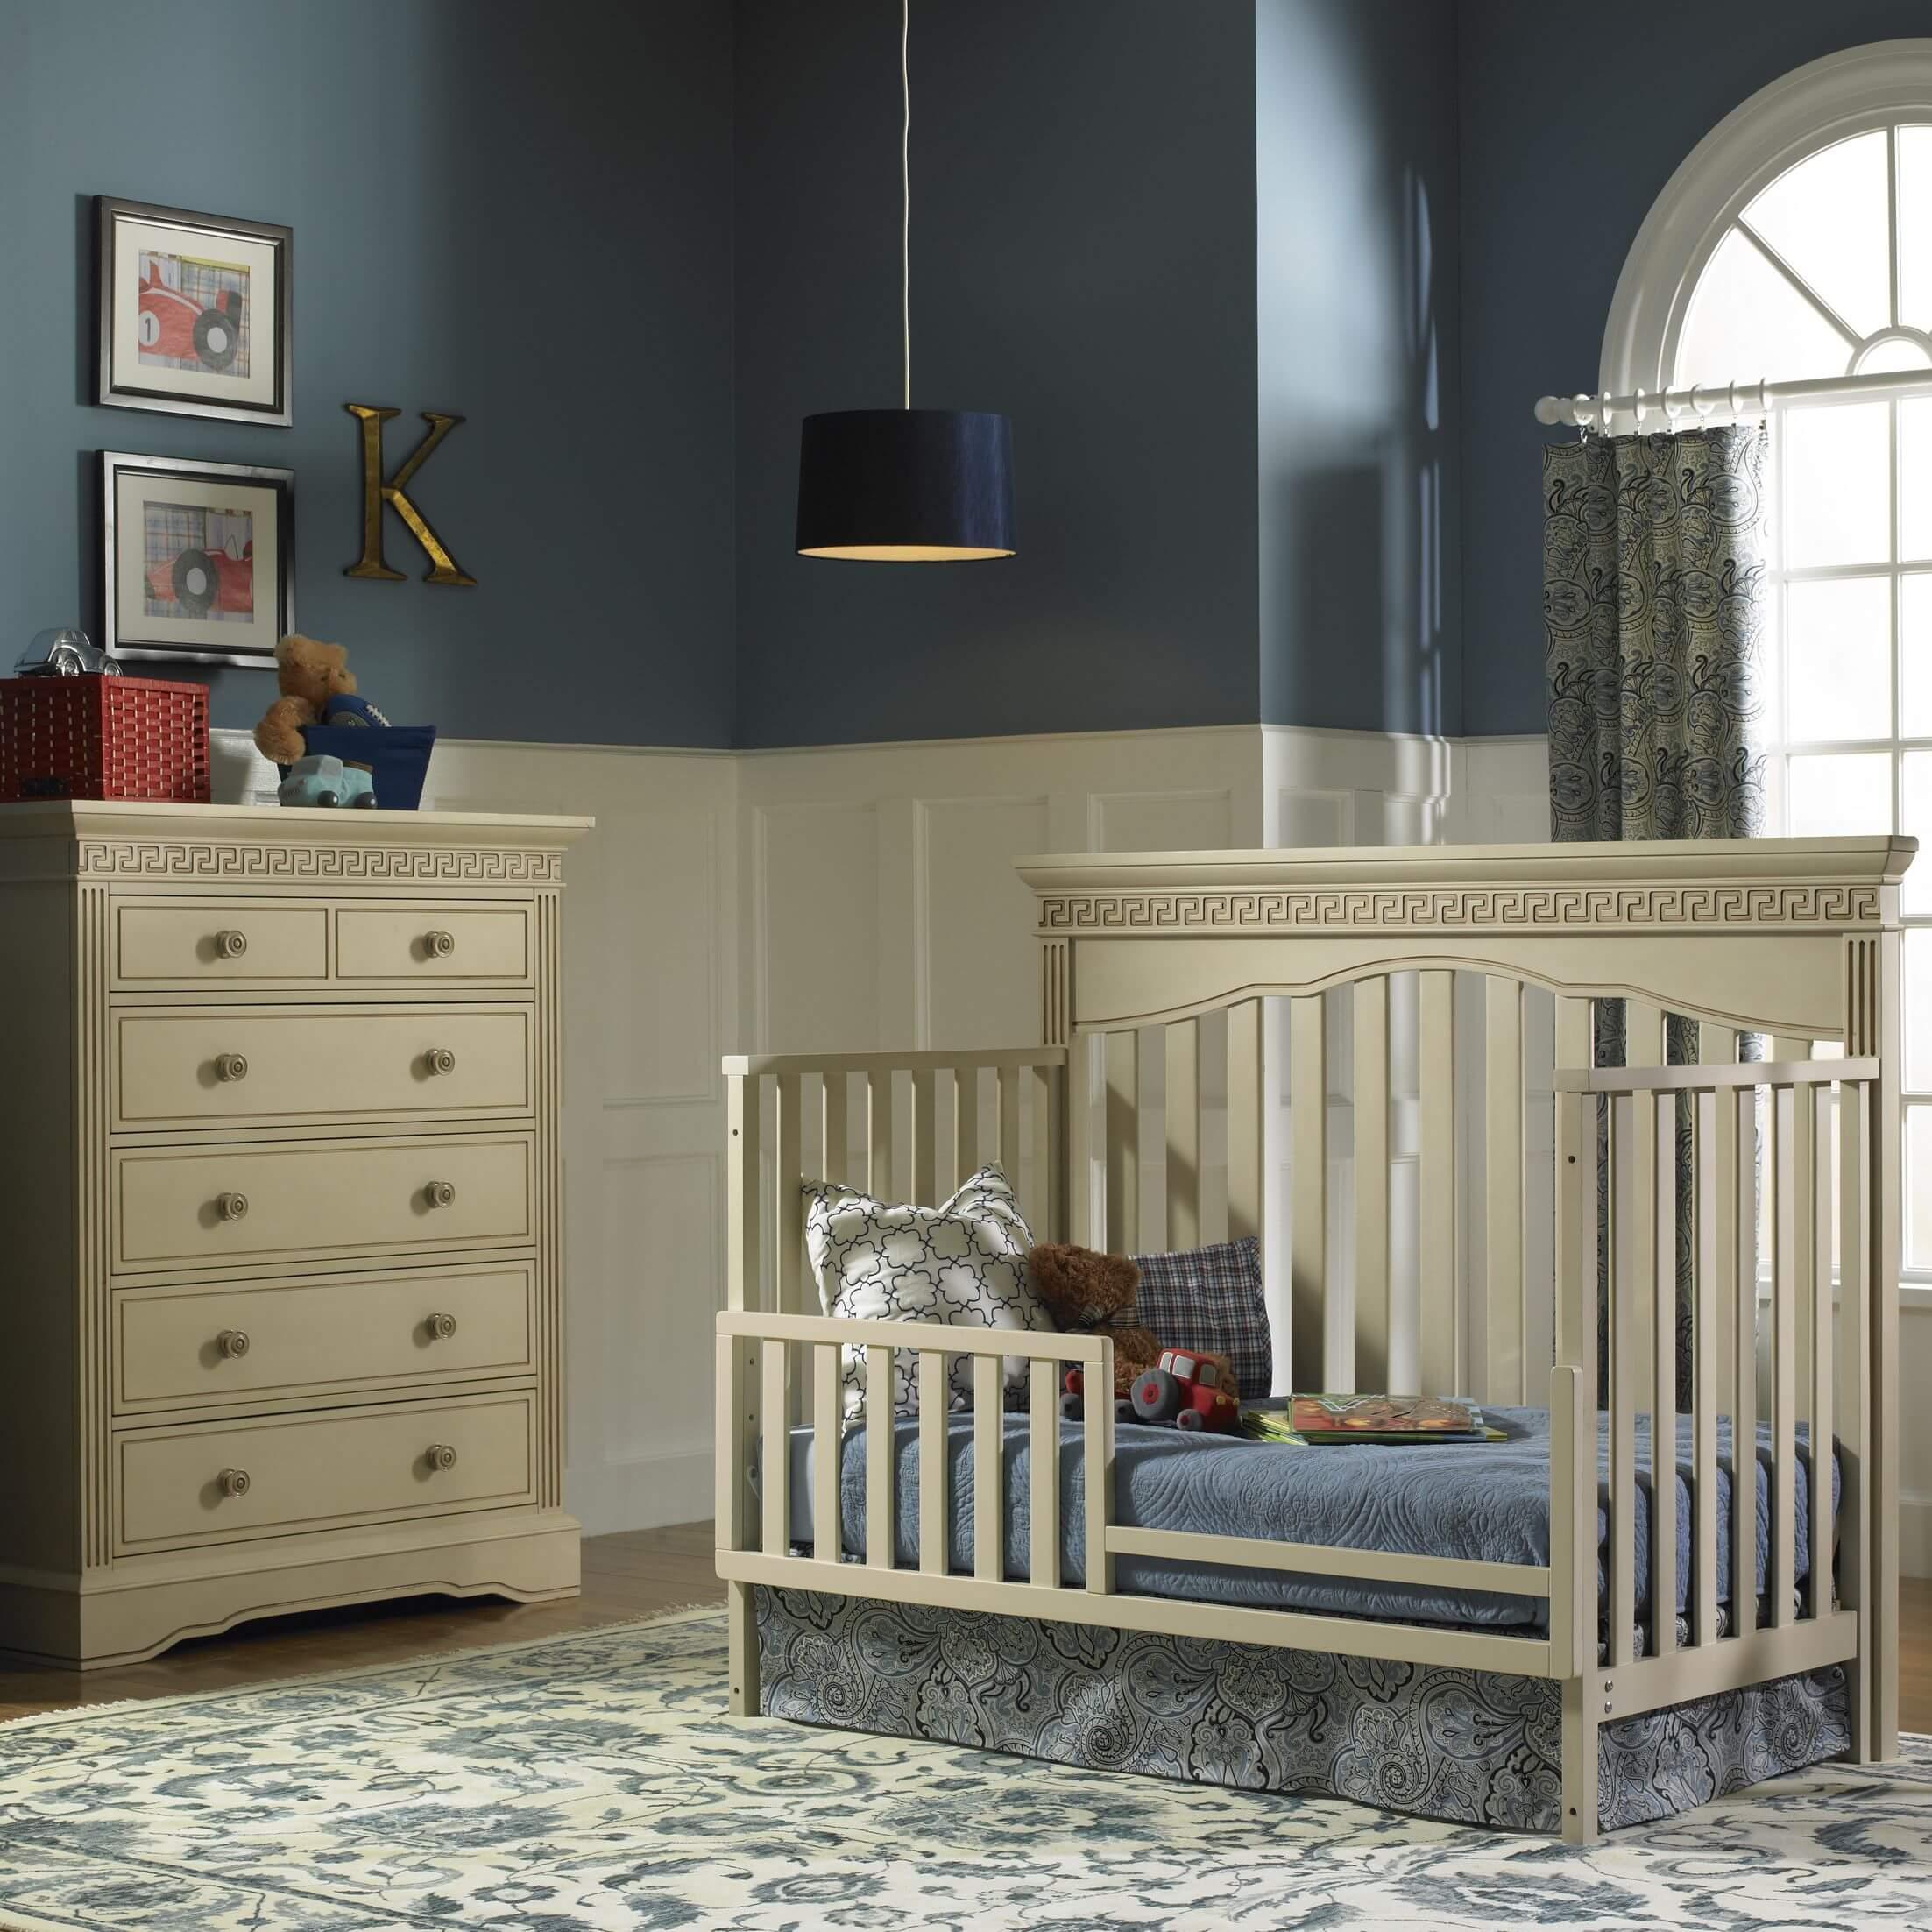 20 Baby Boy Nursery Ideas Themes & Designs